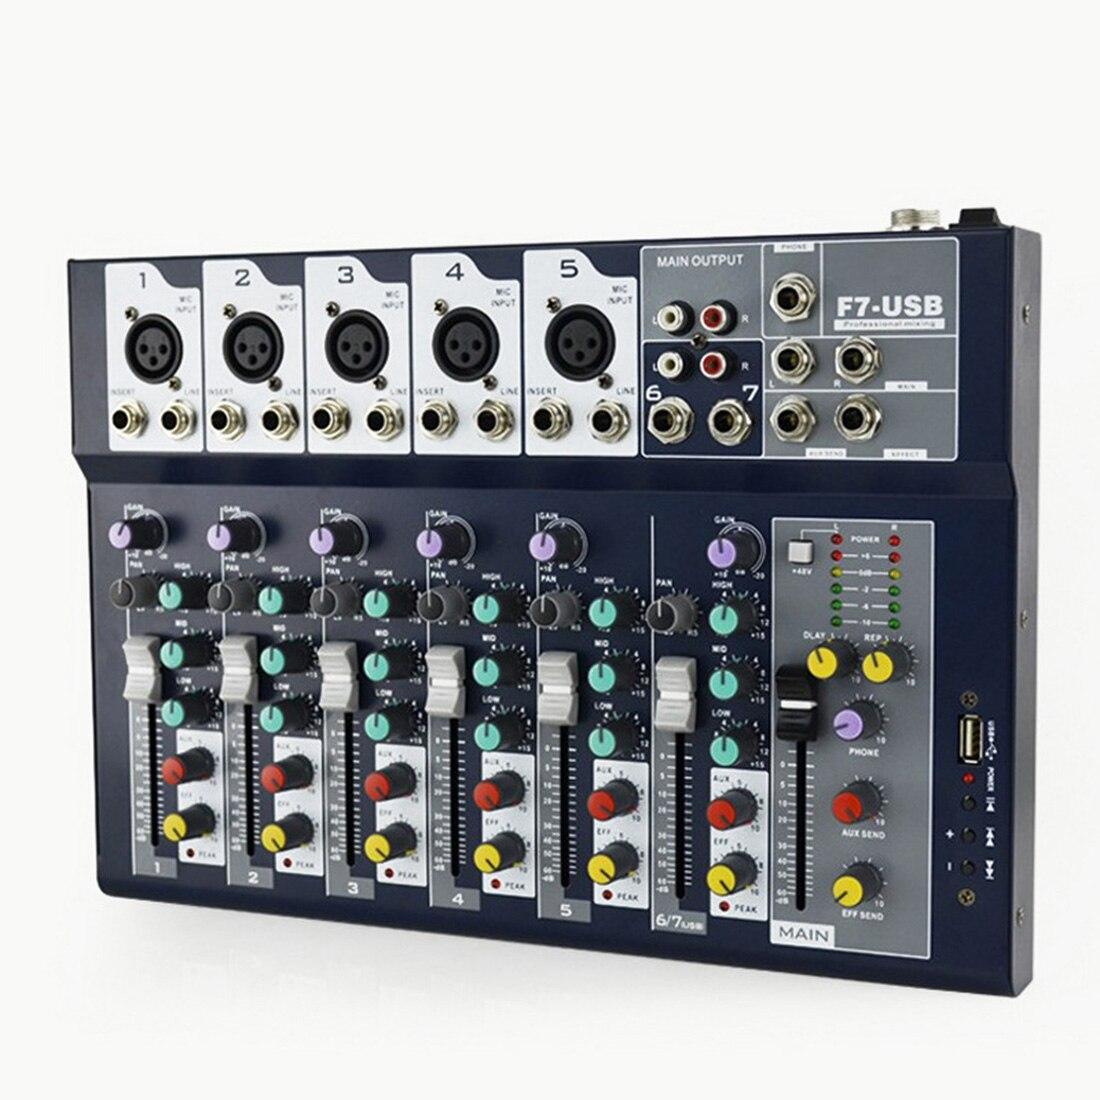 7 kanal DJ Ausrüstung Digital USB Kabel Professionelle Bühne Leistung Audio Mixer Sound Board Konsole Mischen Controller